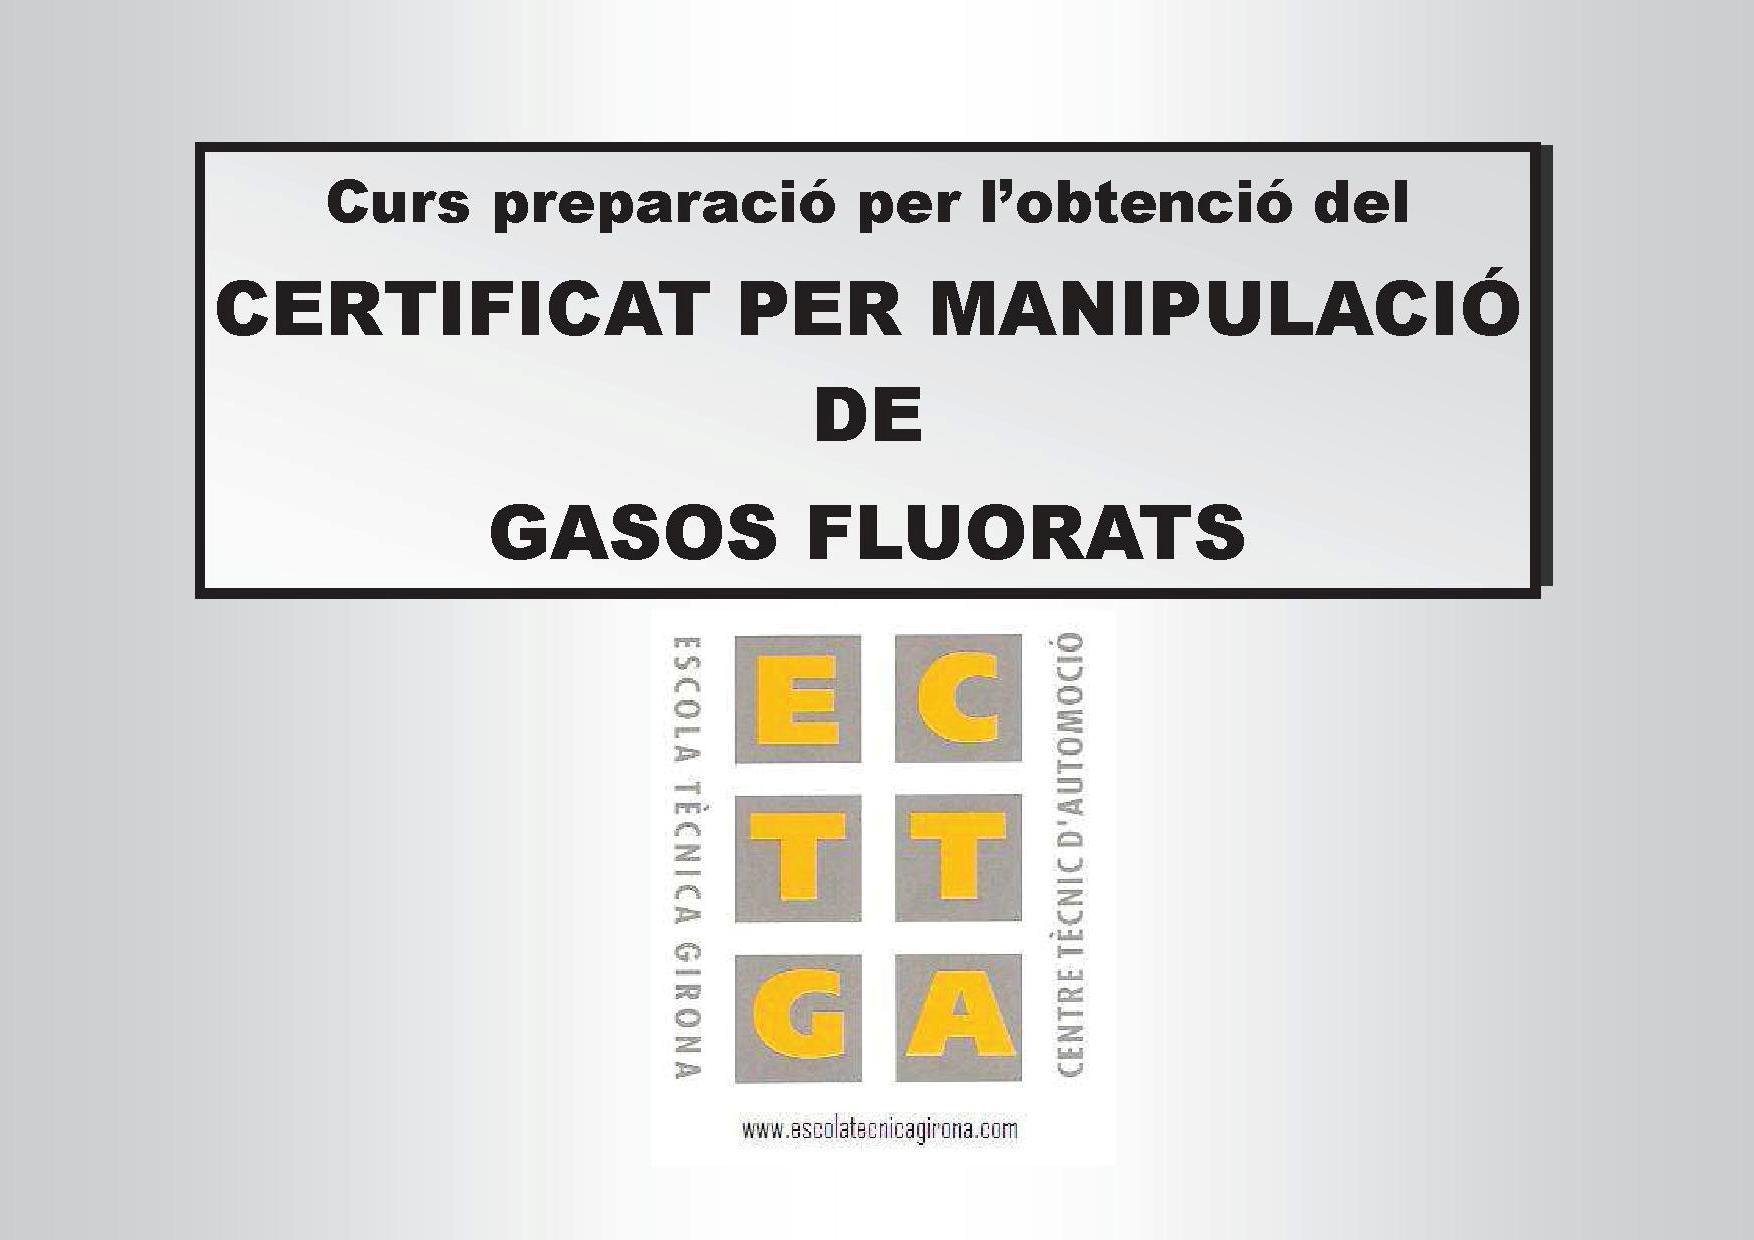 Iniciem ja el Curs de Manipulació de Gasos Fluorats